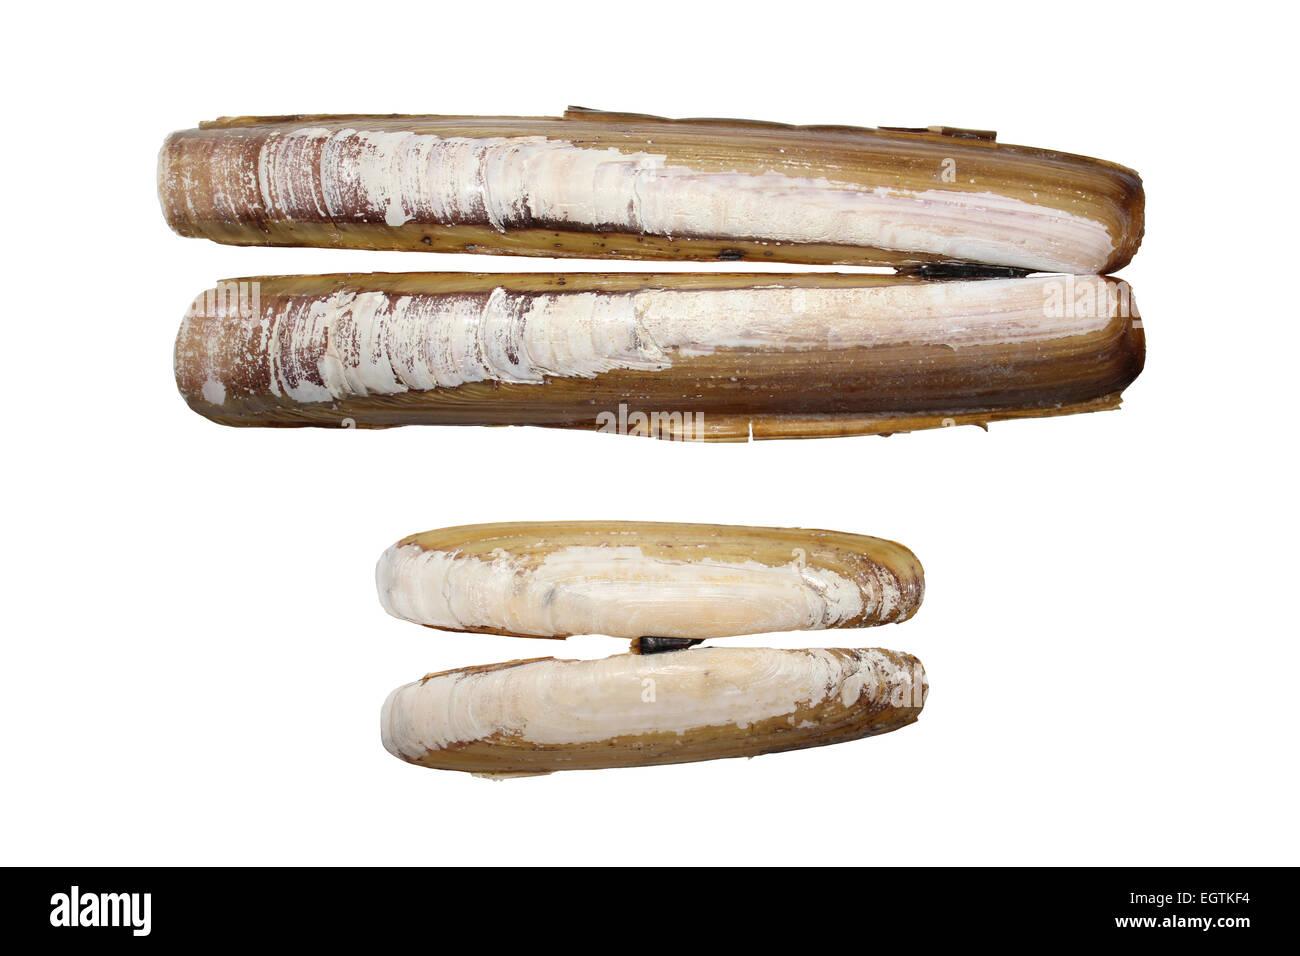 Confronto tra Razorshell Ensis arcuatus (sopra) e fagiolo di gusci di rasoio Pharus legumen (sotto). Immagini Stock